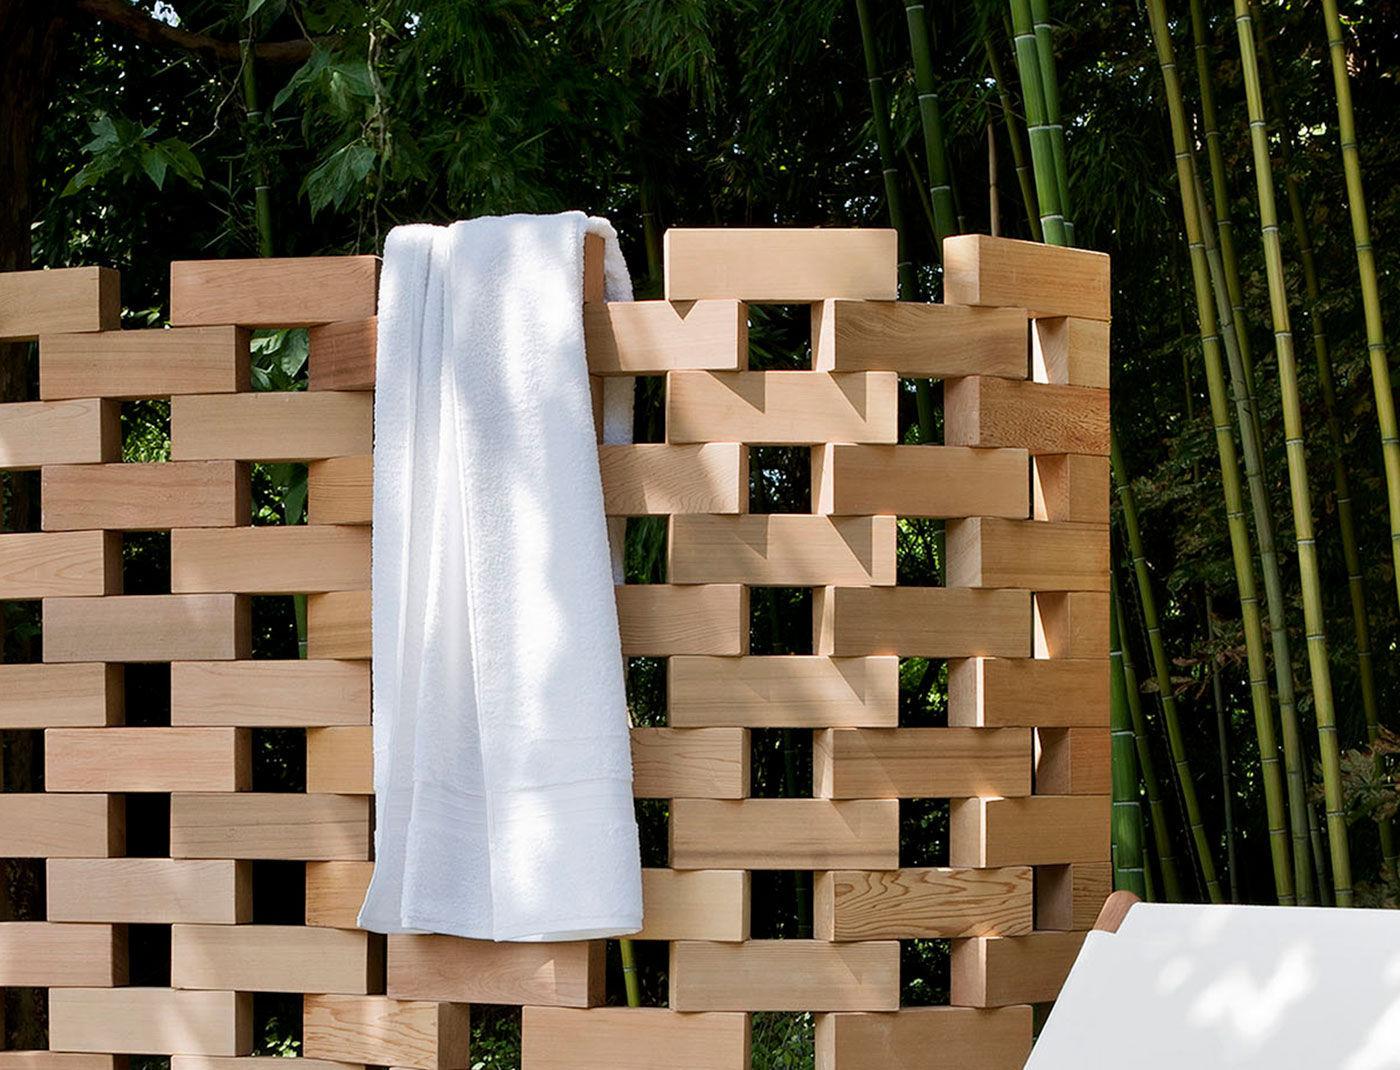 Full Size of Paravent Garten Holz Standfest Wetterfest Ikea Bambus Toom Hornbach Metall Obi Moderner Zen Exteta Schwimmingpool Für Den Trennwand Sitzbank Vertikal Garten Paravent Garten